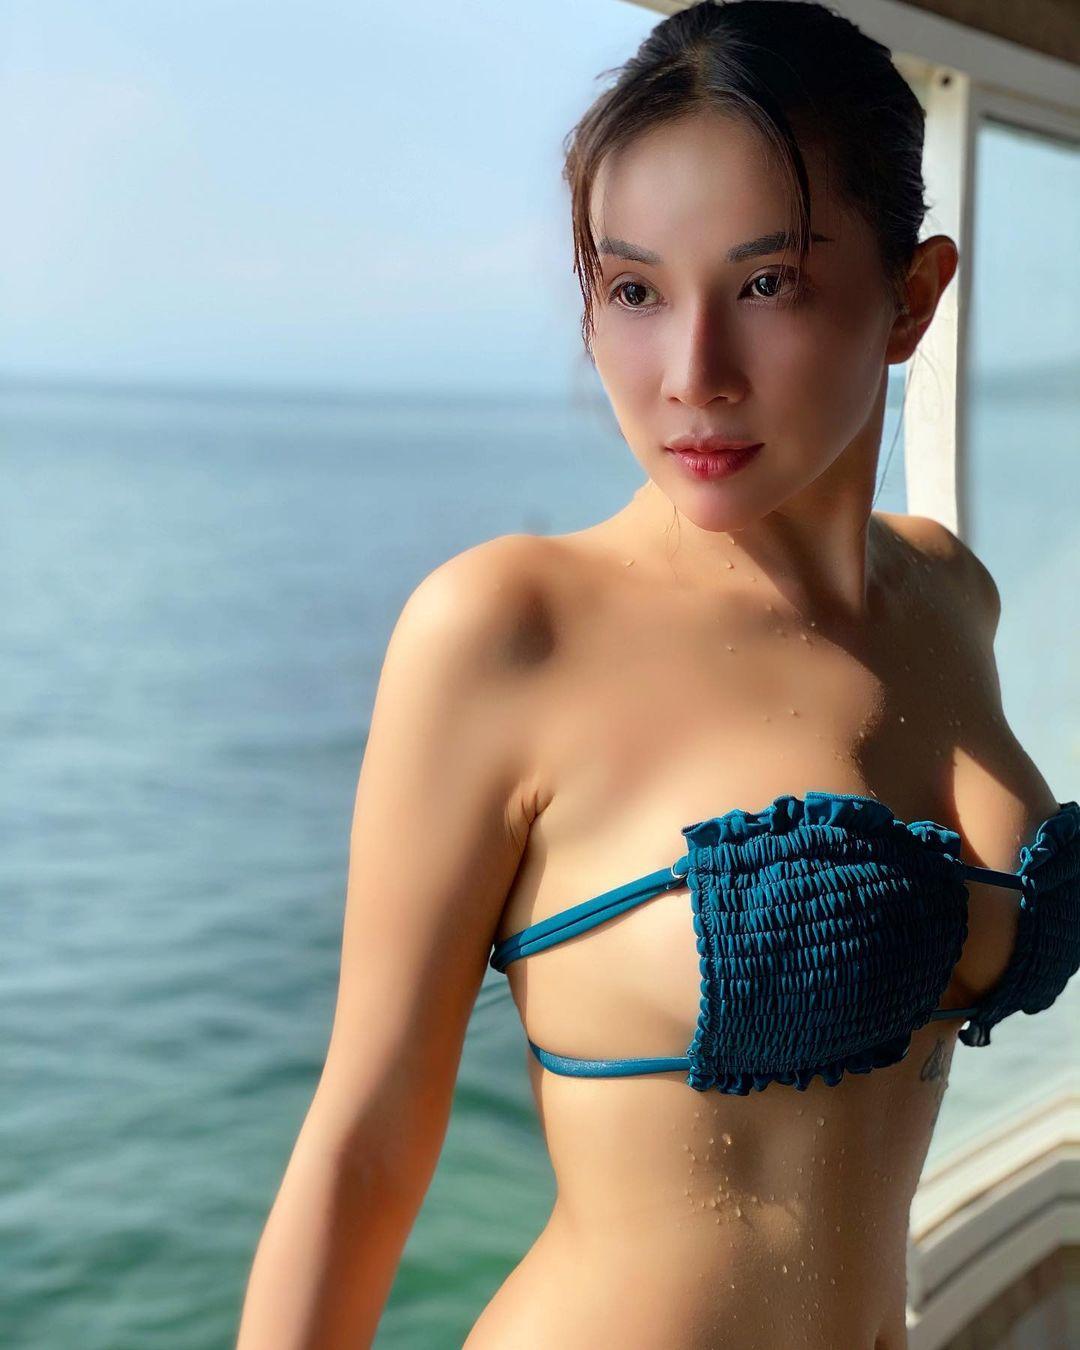 """""""Đại gia bất động sản Hậu Giang"""" mặc bikini mini như sắp tụt gây """"thót tim"""" người nhìn - hình ảnh 1"""